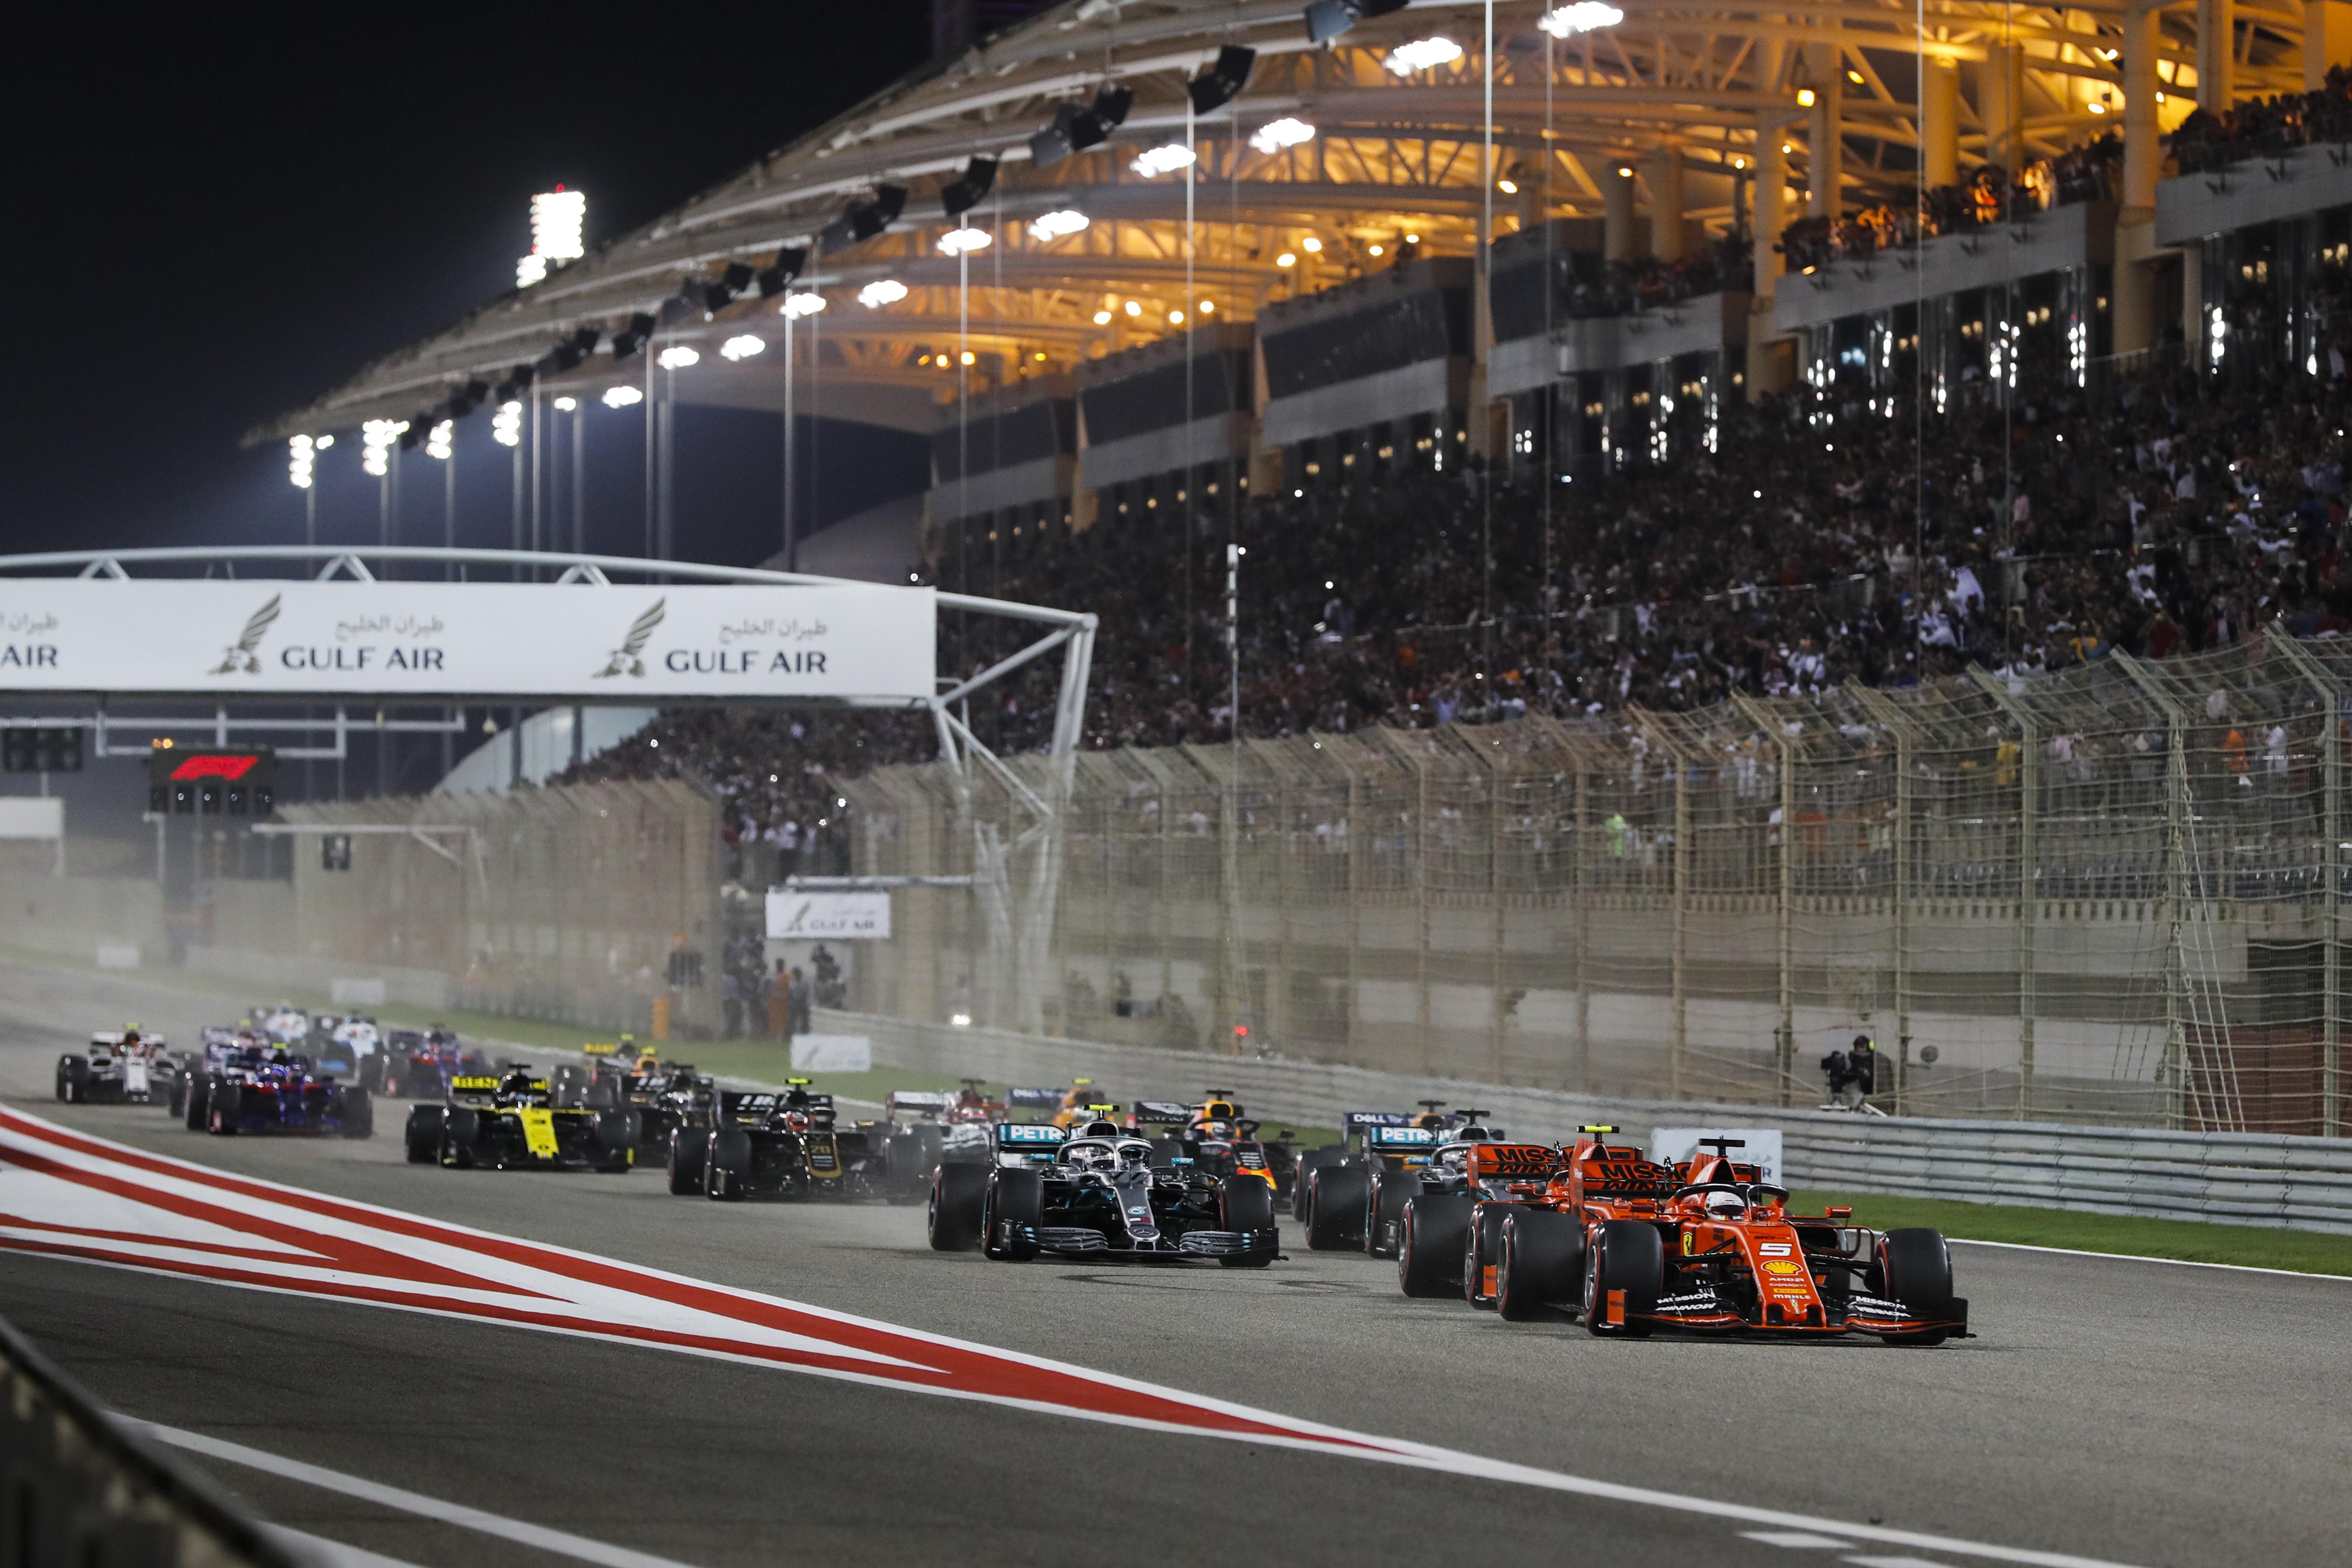 F1: Felfüggesztették a jegyértékesítést a Bahreini Nagydíjra